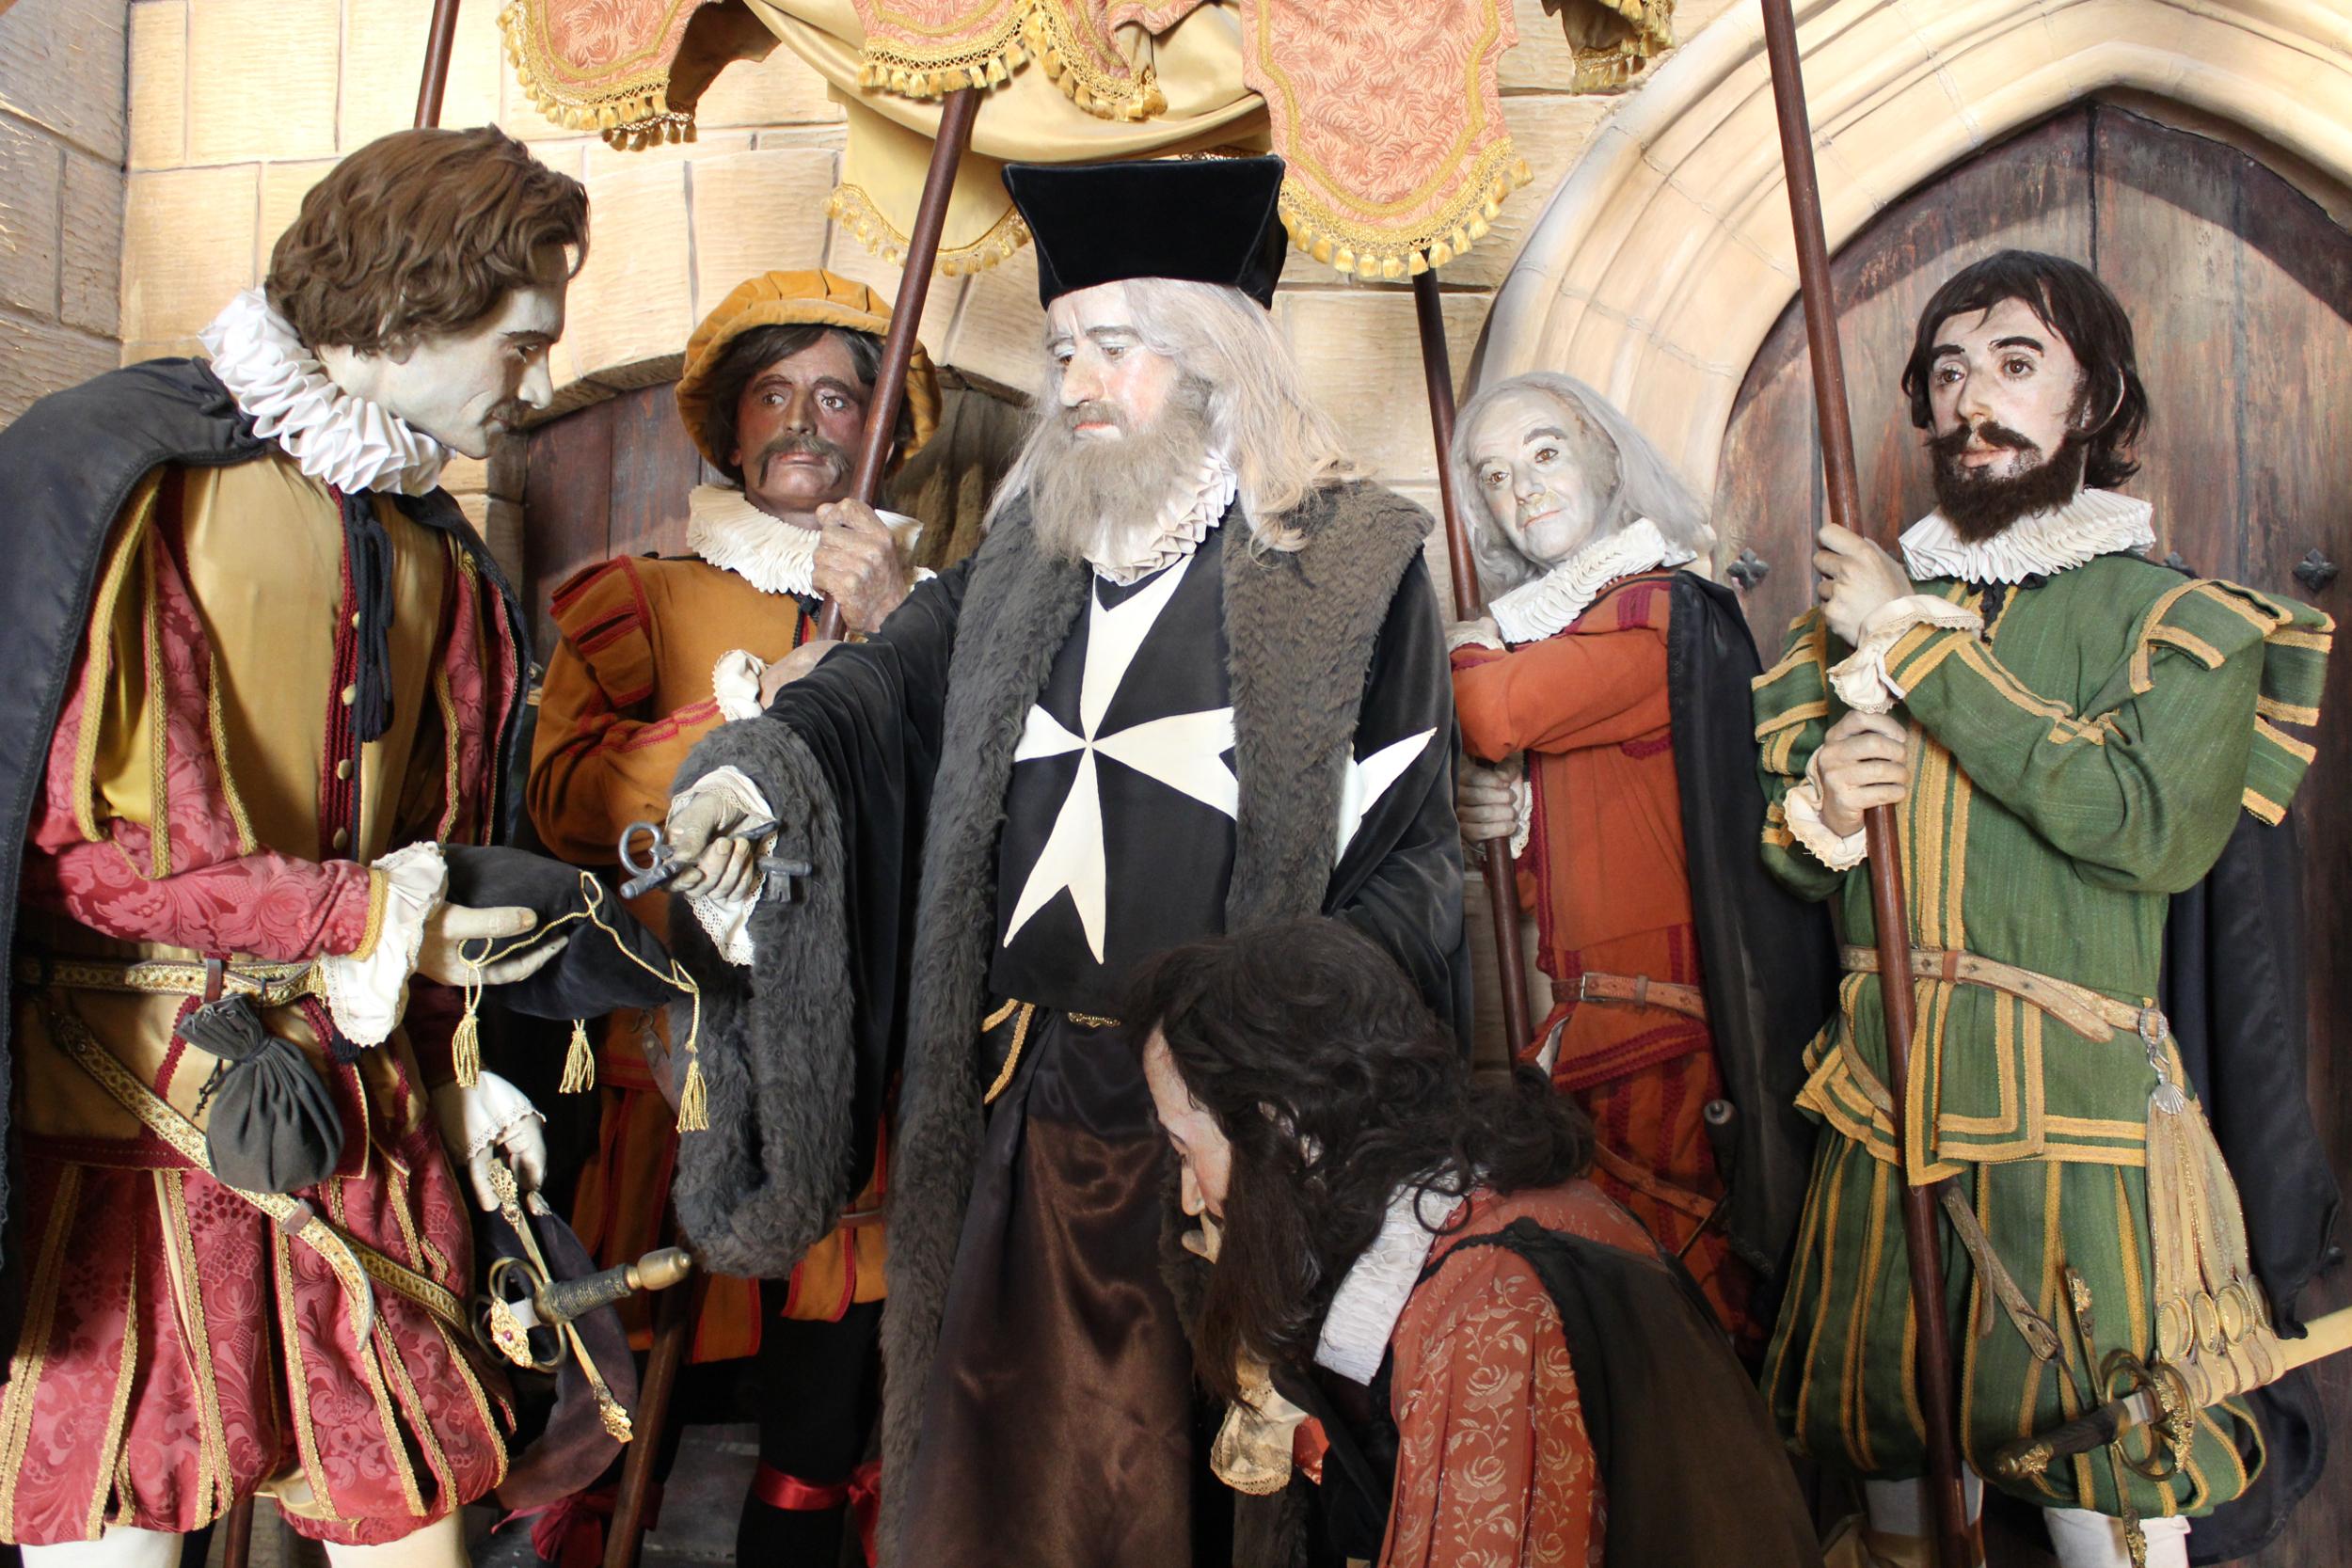 Zakon Kawalerów Maltańskich to najstarszy istniejący zakon rycerski na świecie (fot. Mike Russell / Flickr.com / CC BY-SA 2.0)